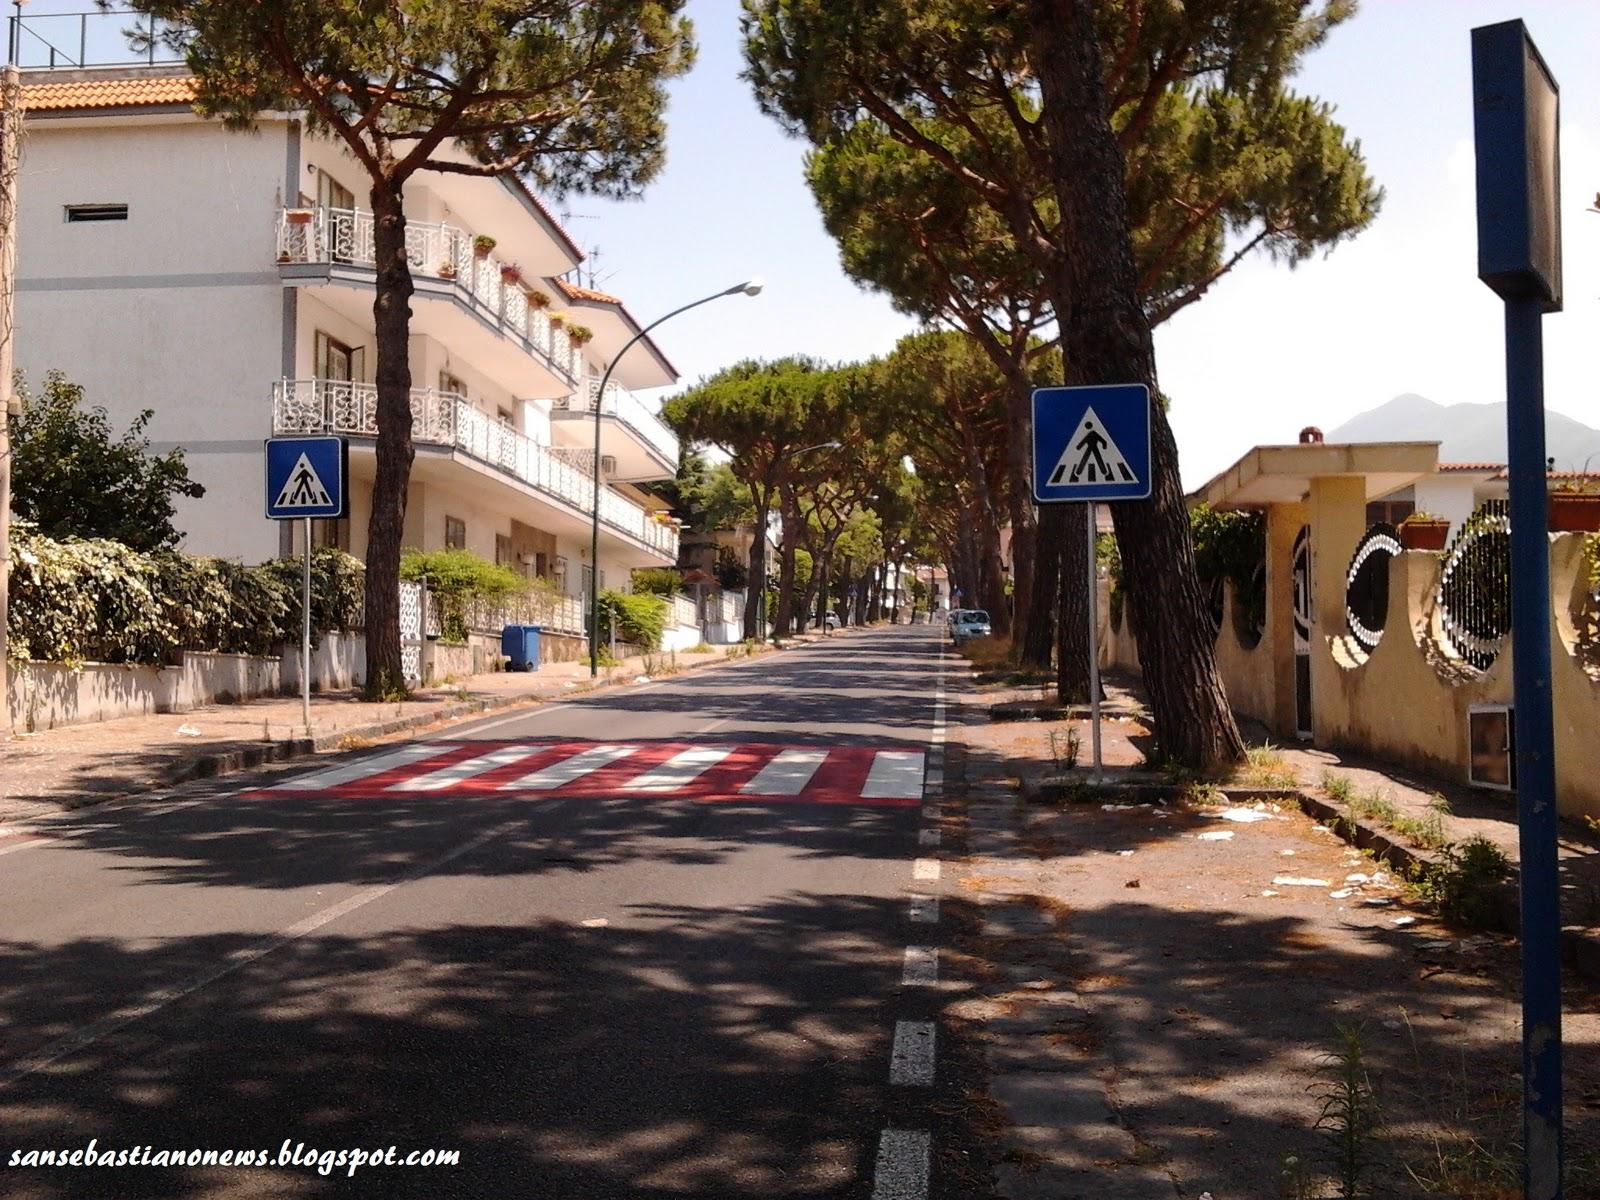 San sebastiano news 2011 - Agenzie immobiliari san sebastiano al vesuvio ...